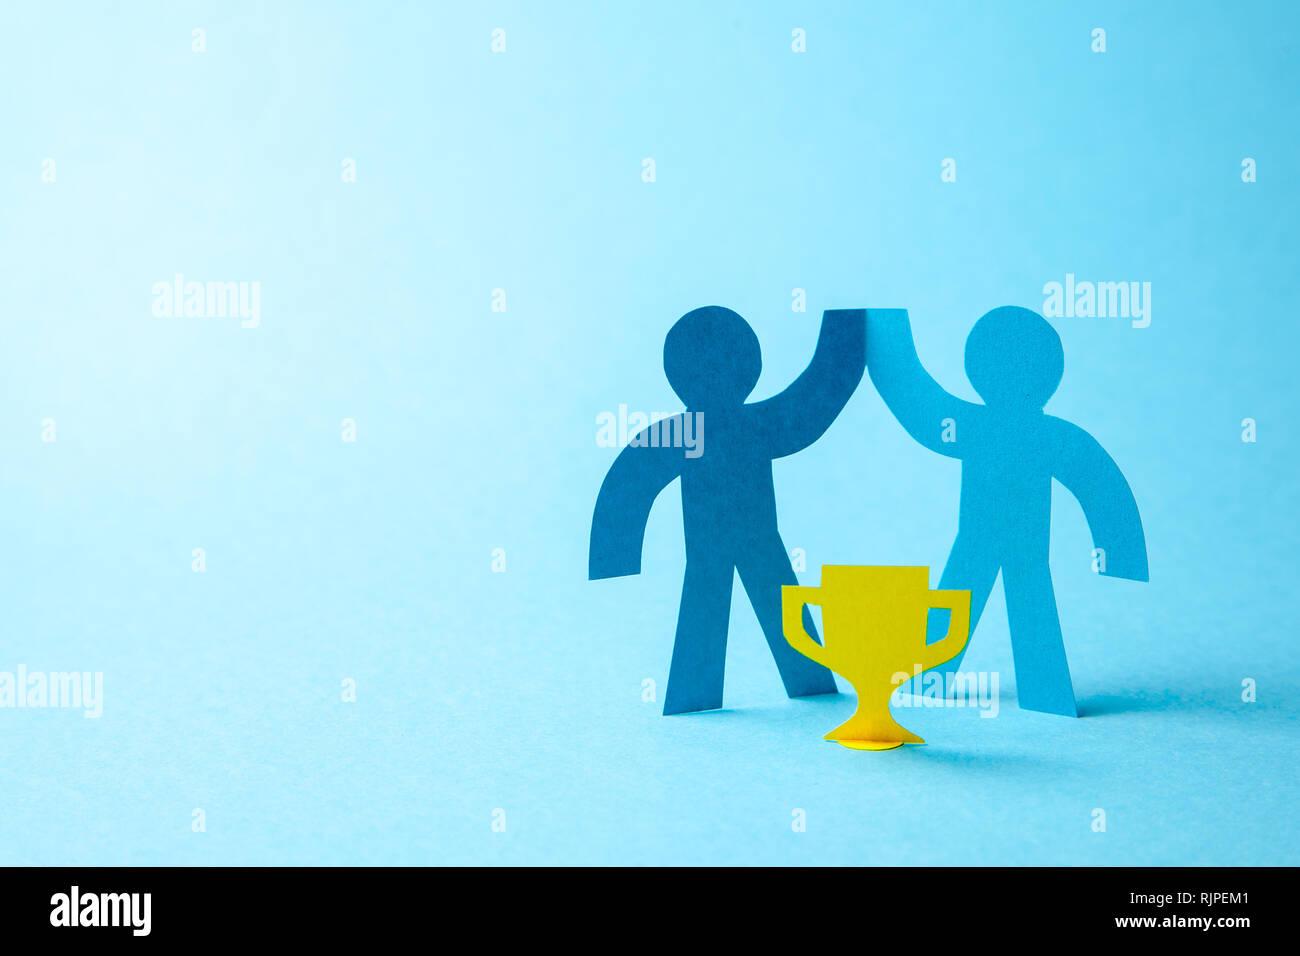 Negocio exitoso equipo ganador de la copa de oro tiene en sus manos. Team building. Los trabajadores de líder y llegar a la meta. Espacio para copiar texto. Foto de stock